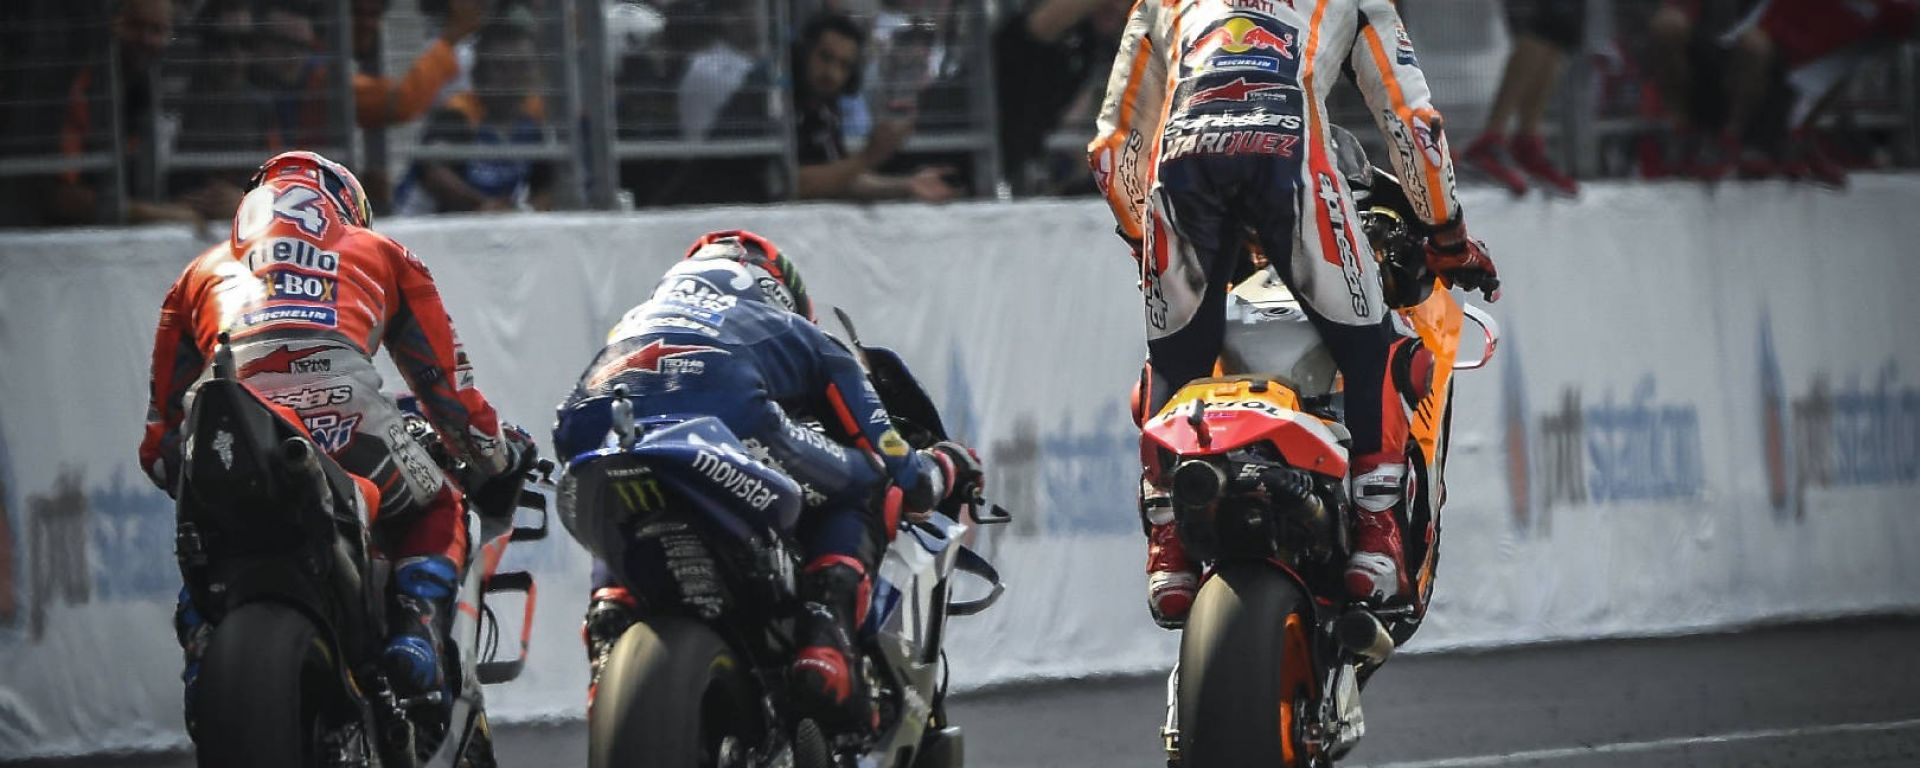 MotoGP 2018 Thailandia: le pagelle da Buriram